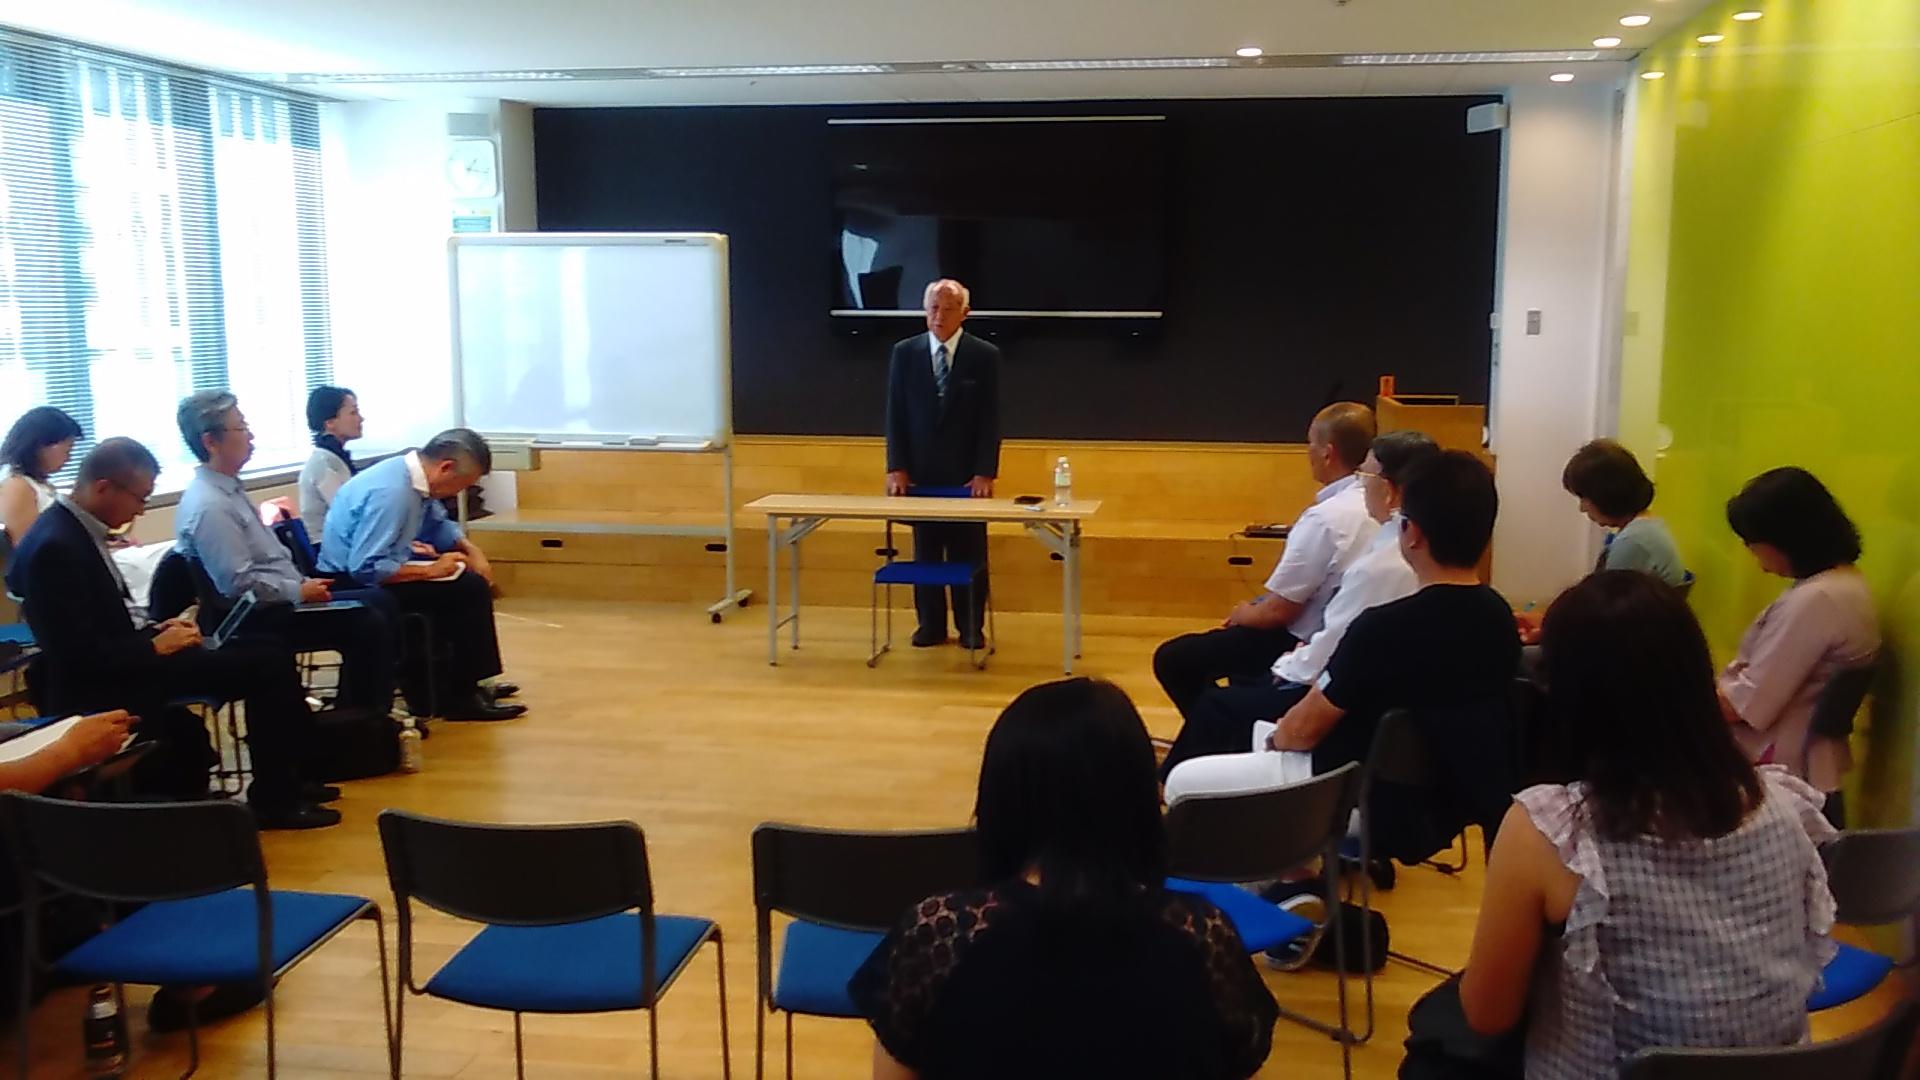 KIMG1392 - 第5回東京思風塾「使命を見つけ出すための6つの問いとは」をテーマに開催